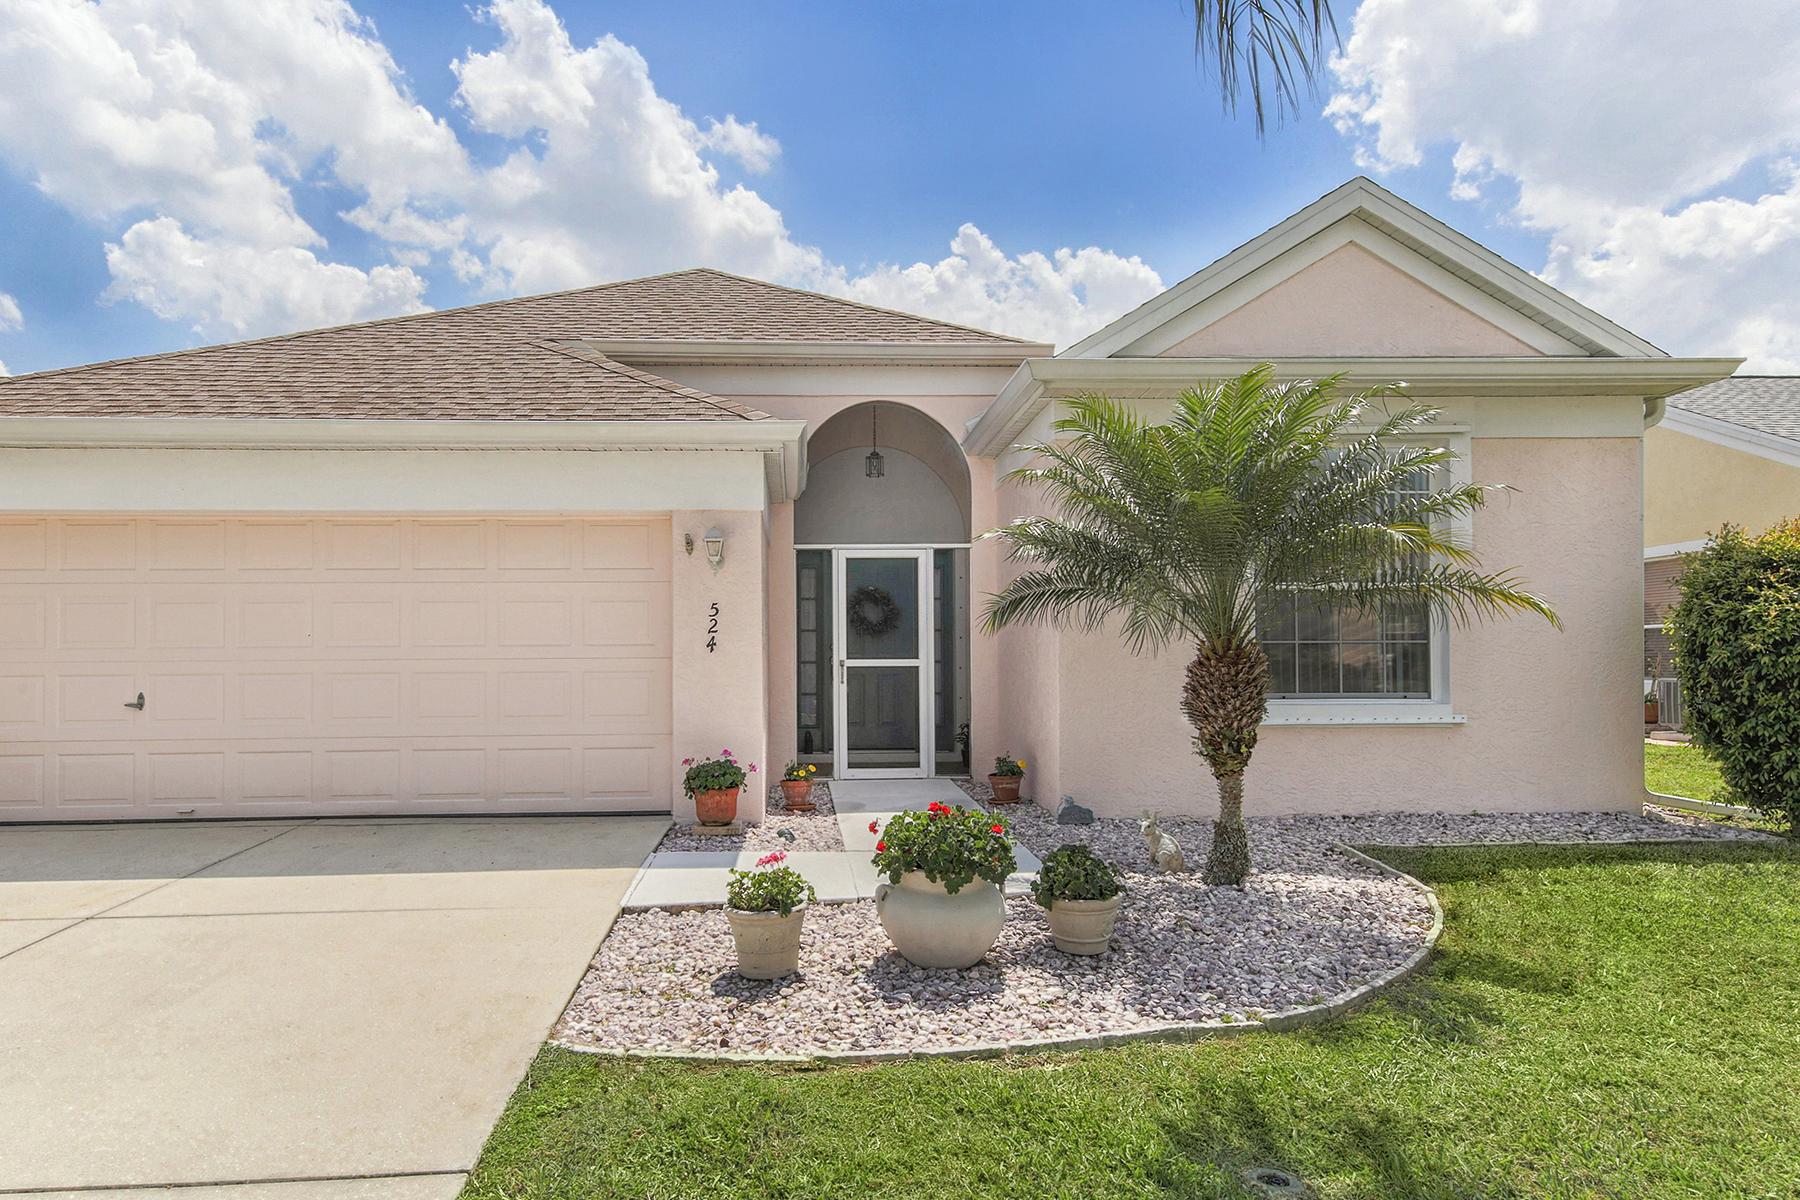 Einfamilienhaus für Verkauf beim FAIRWAY VILLAGE 524 Wexford Dr Venice, Florida, 34293 Vereinigte Staaten